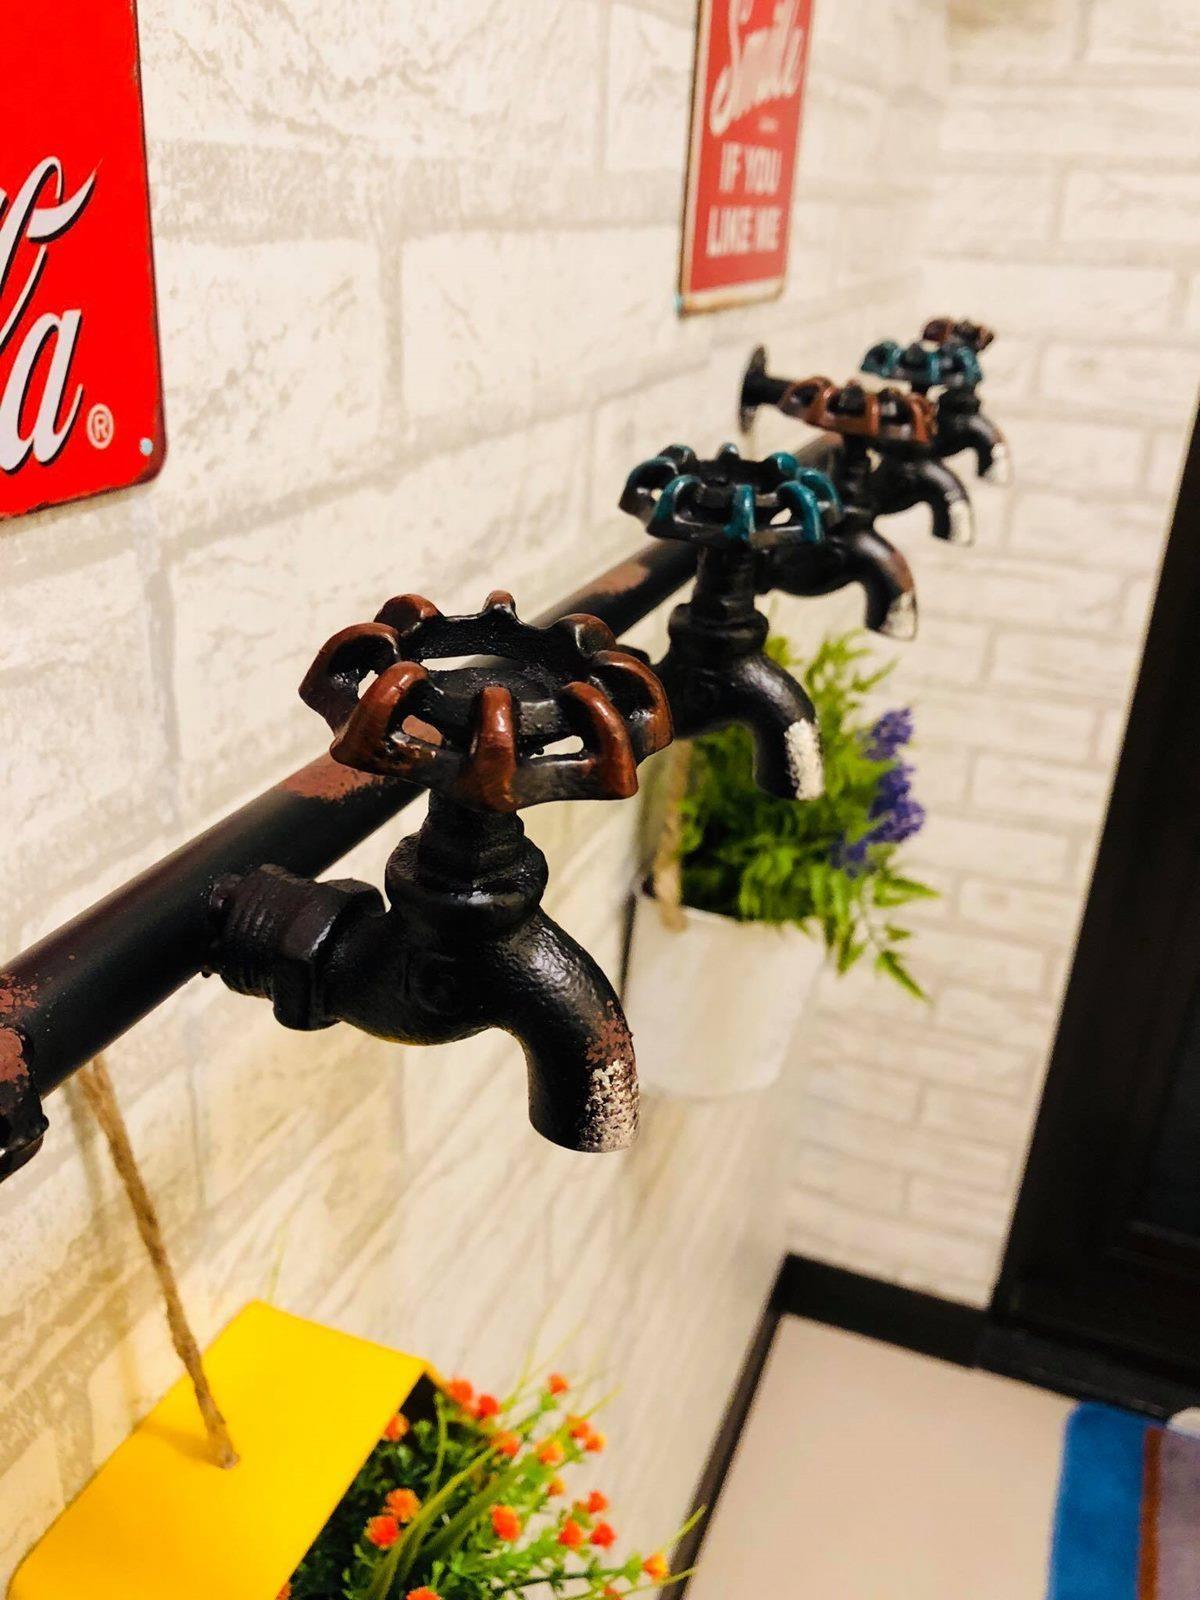 可愛的水管和水龍頭,能運用在廚房牆面掛上盆栽,即便沒有庭院,也可以發揮園藝細胞。